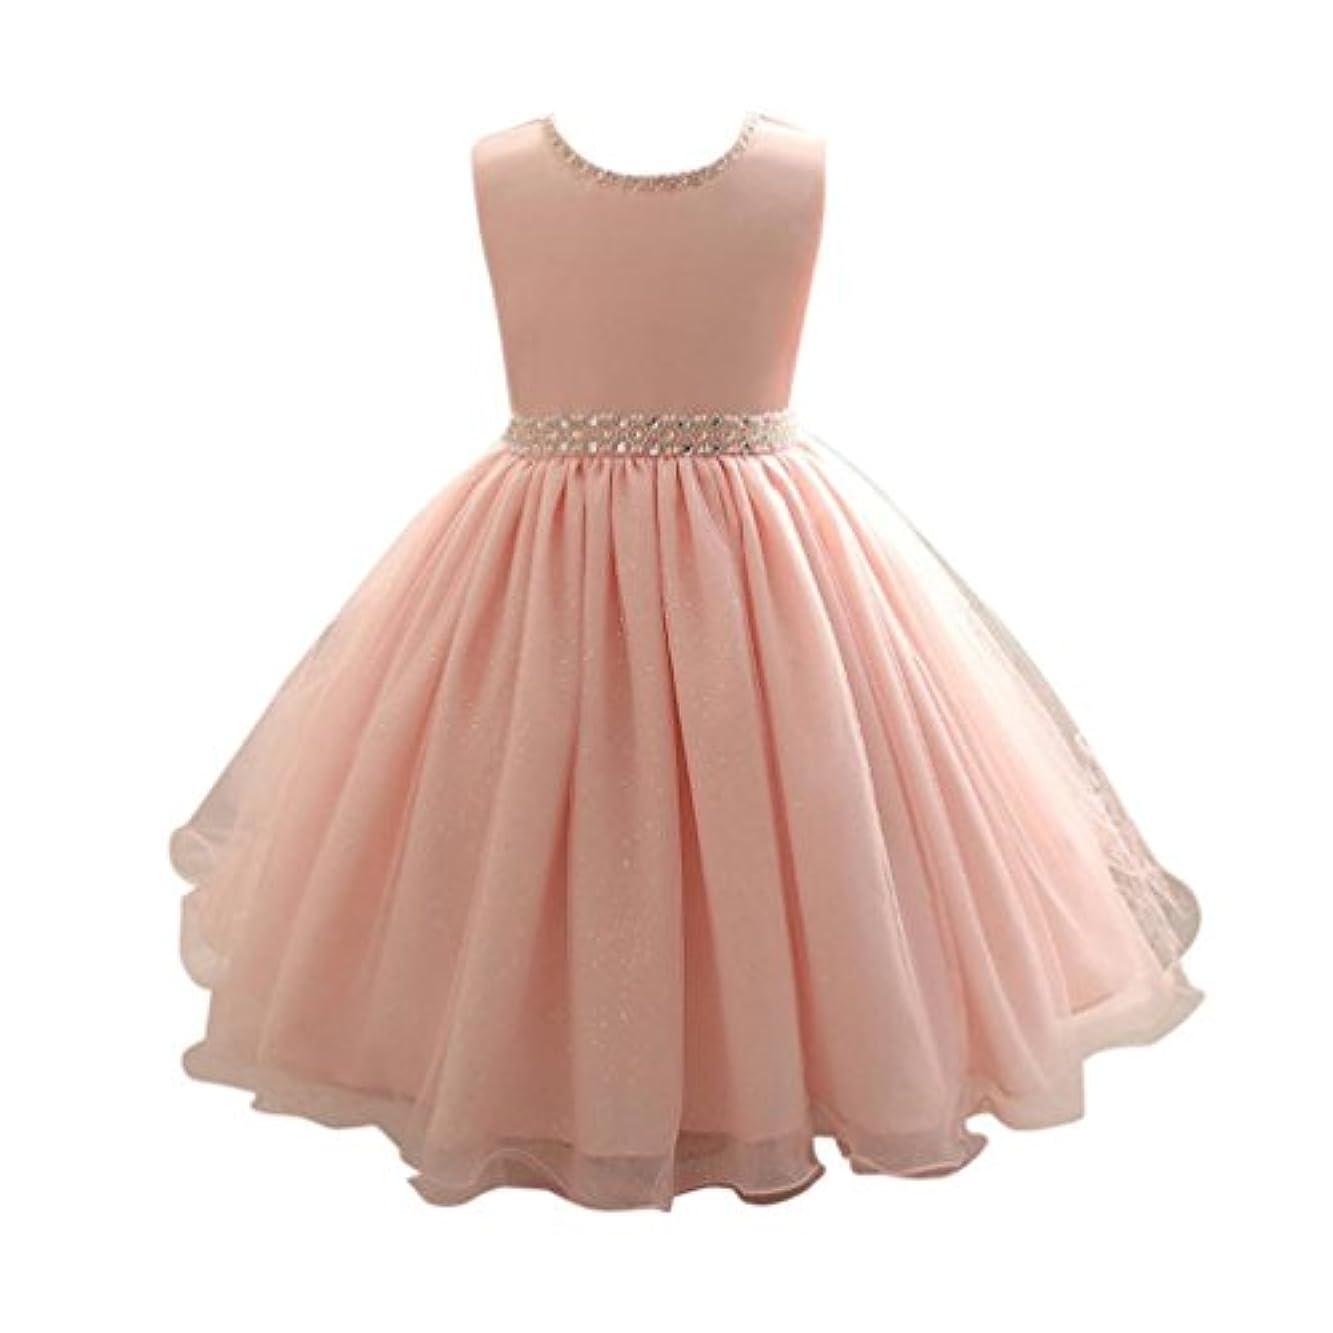 欺く観客承認するMhomzawa 子供ドレス 女の子 発表会 子どもドレス 結婚式 お呼ばれ キッズ プリンセス こどもフラワーガール 花柄 子ども服